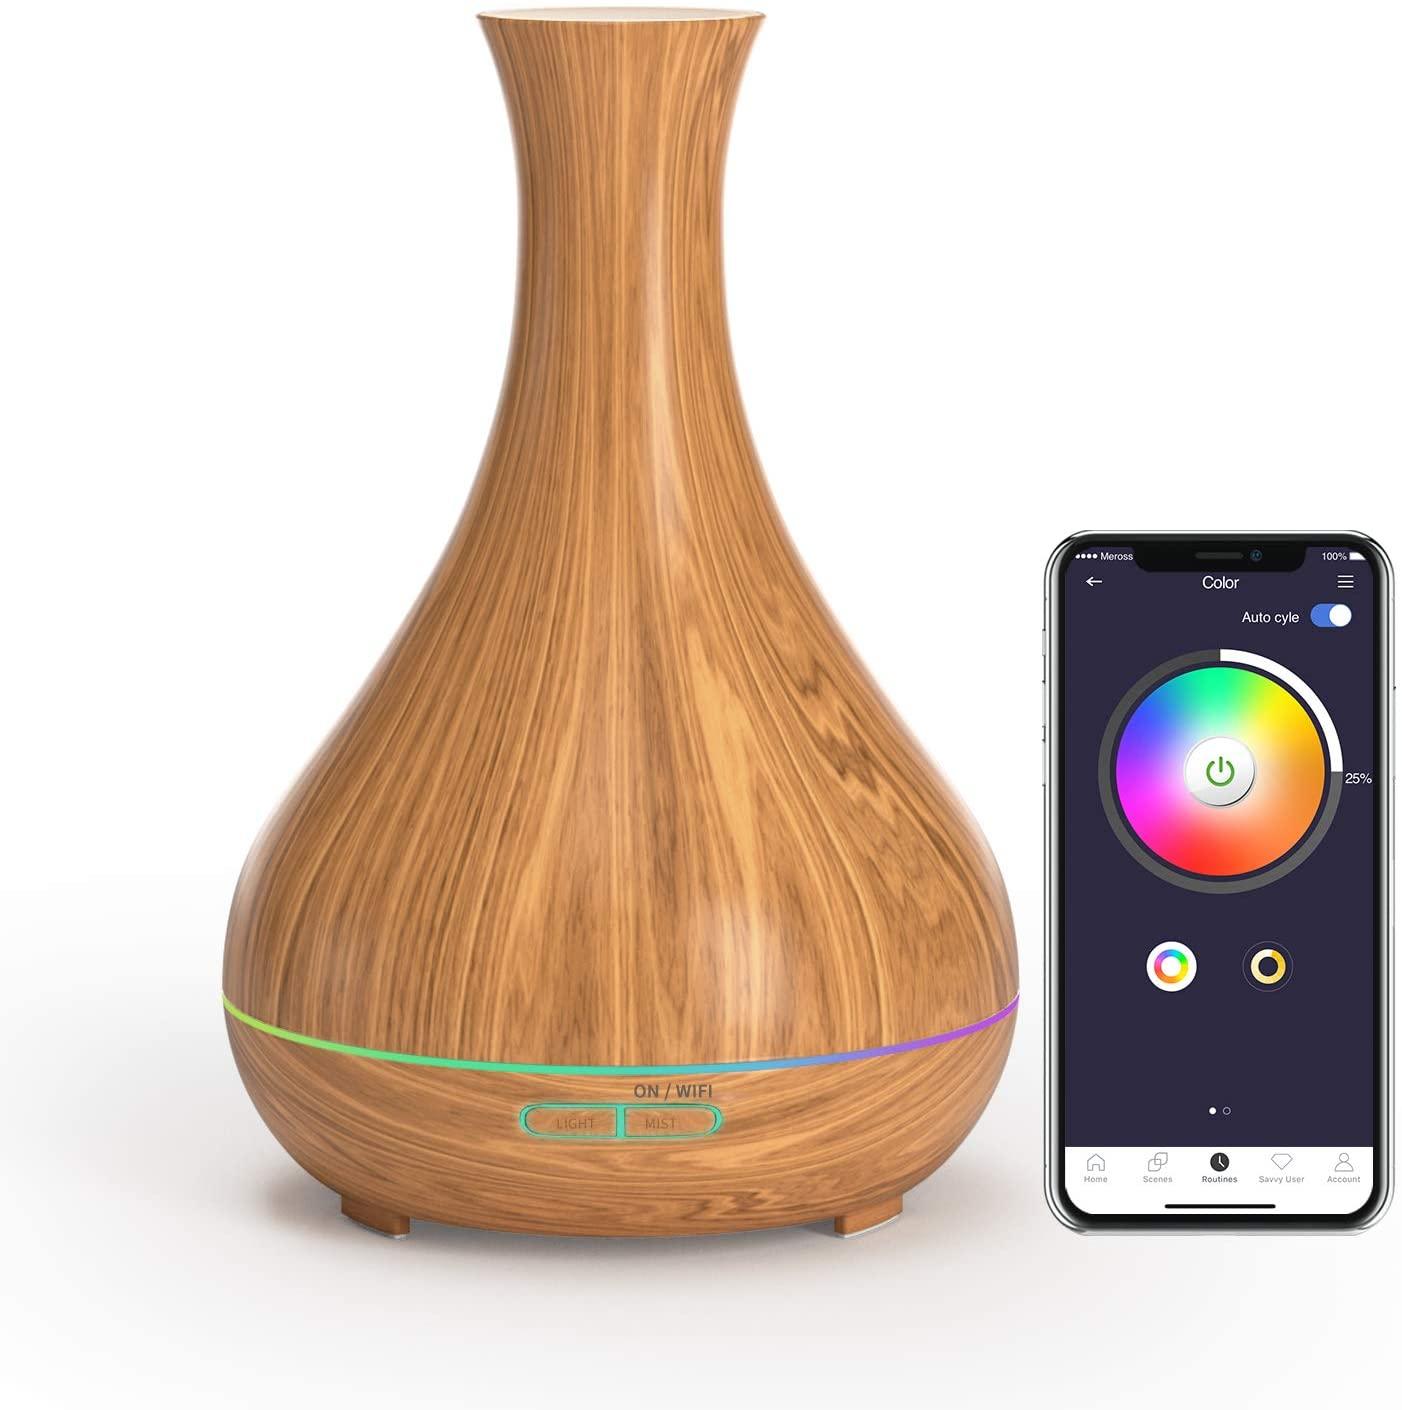 Diffuseur d'huiles essentielles / Humidificateur Connecté WiFi Meross (400 ml) - Compatible Alexa & Google Home, RGB (Vendeur tiers)